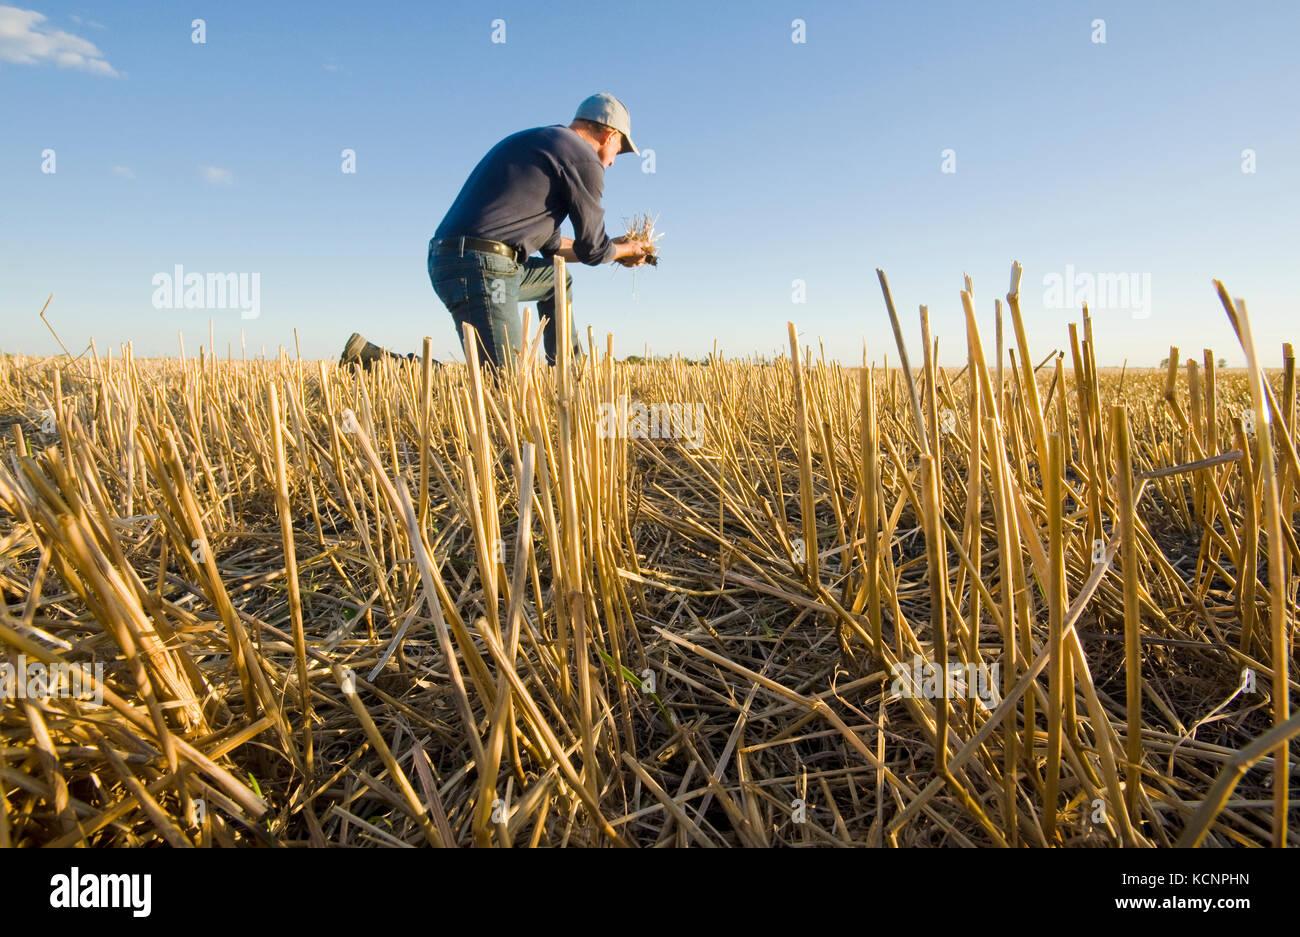 farmer in a field of grain stubble near Winnipeg, Manitoba, Canada - Stock Image